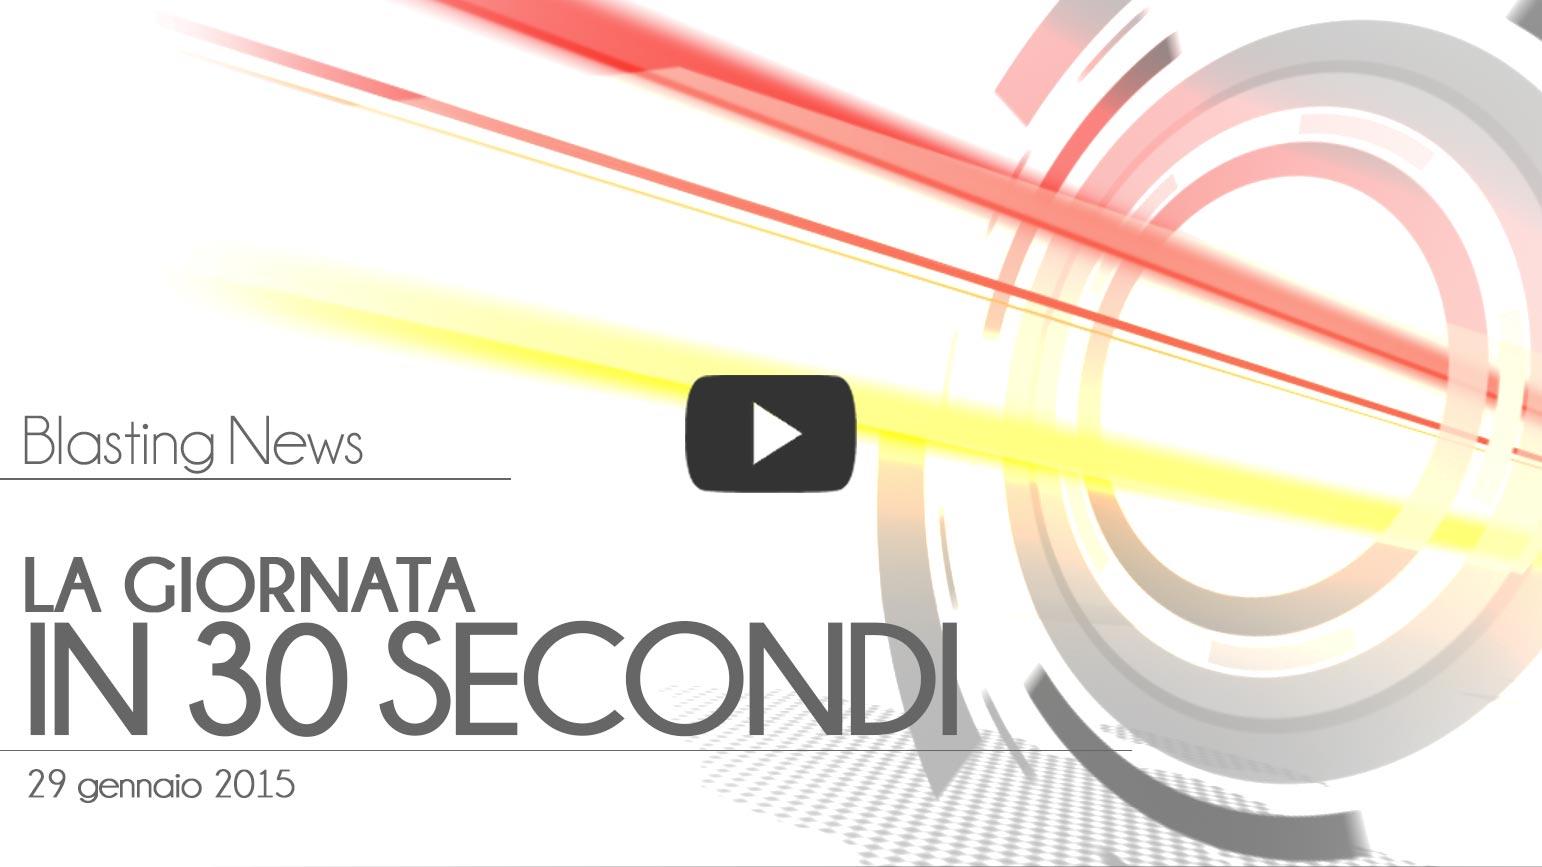 La giornata in 30 secondi - 29 gennaio 2015